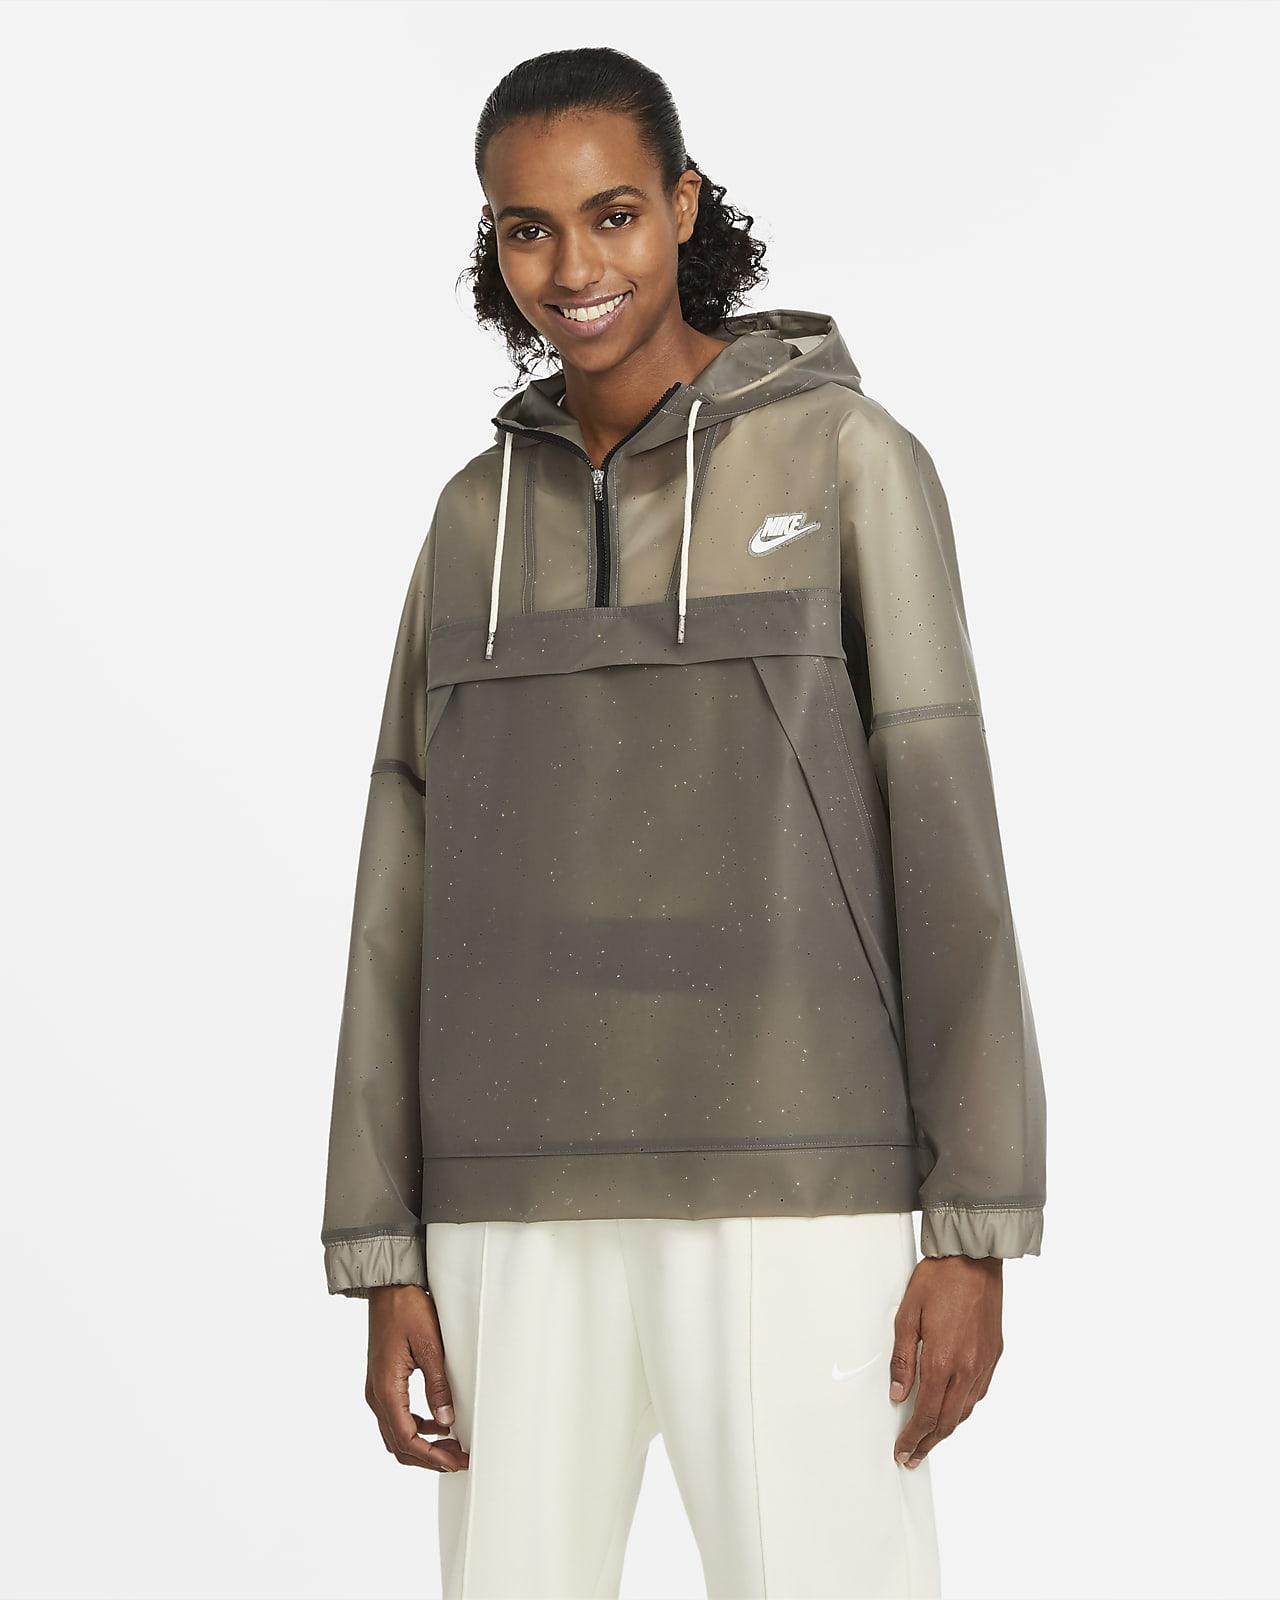 Nike Sportswear női anorákkabát